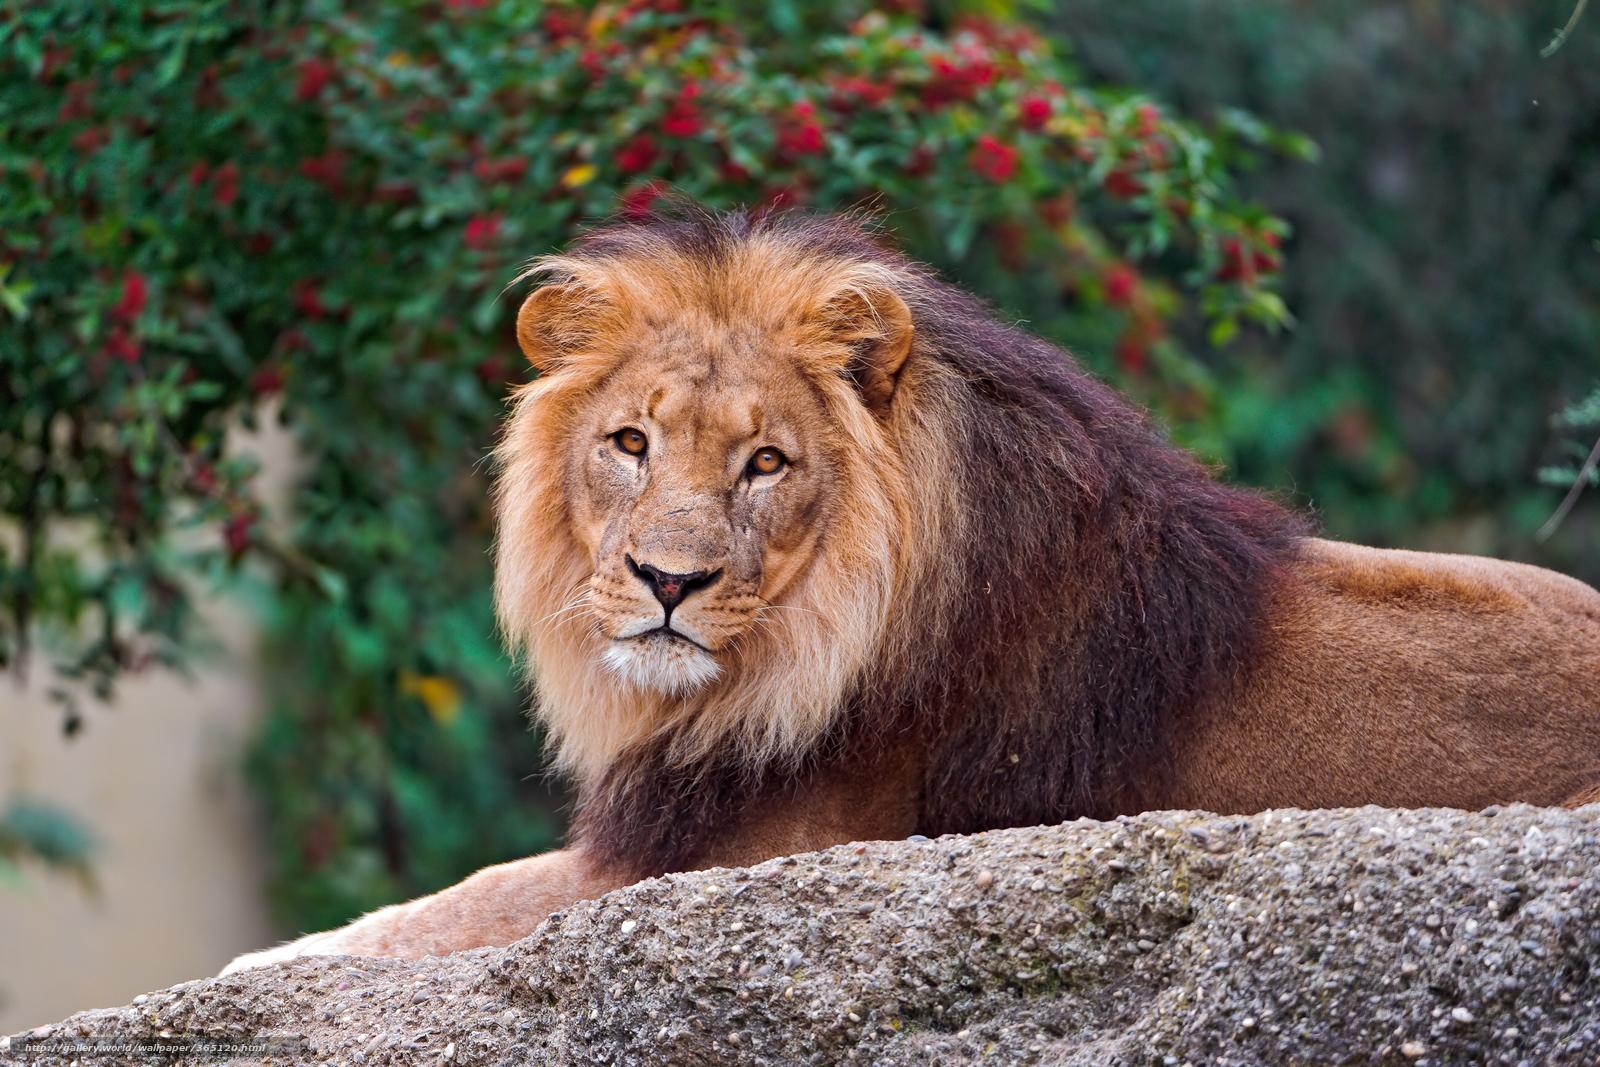 Scaricare gli sfondi leone criniera guarda sfondi for Sfondi leone